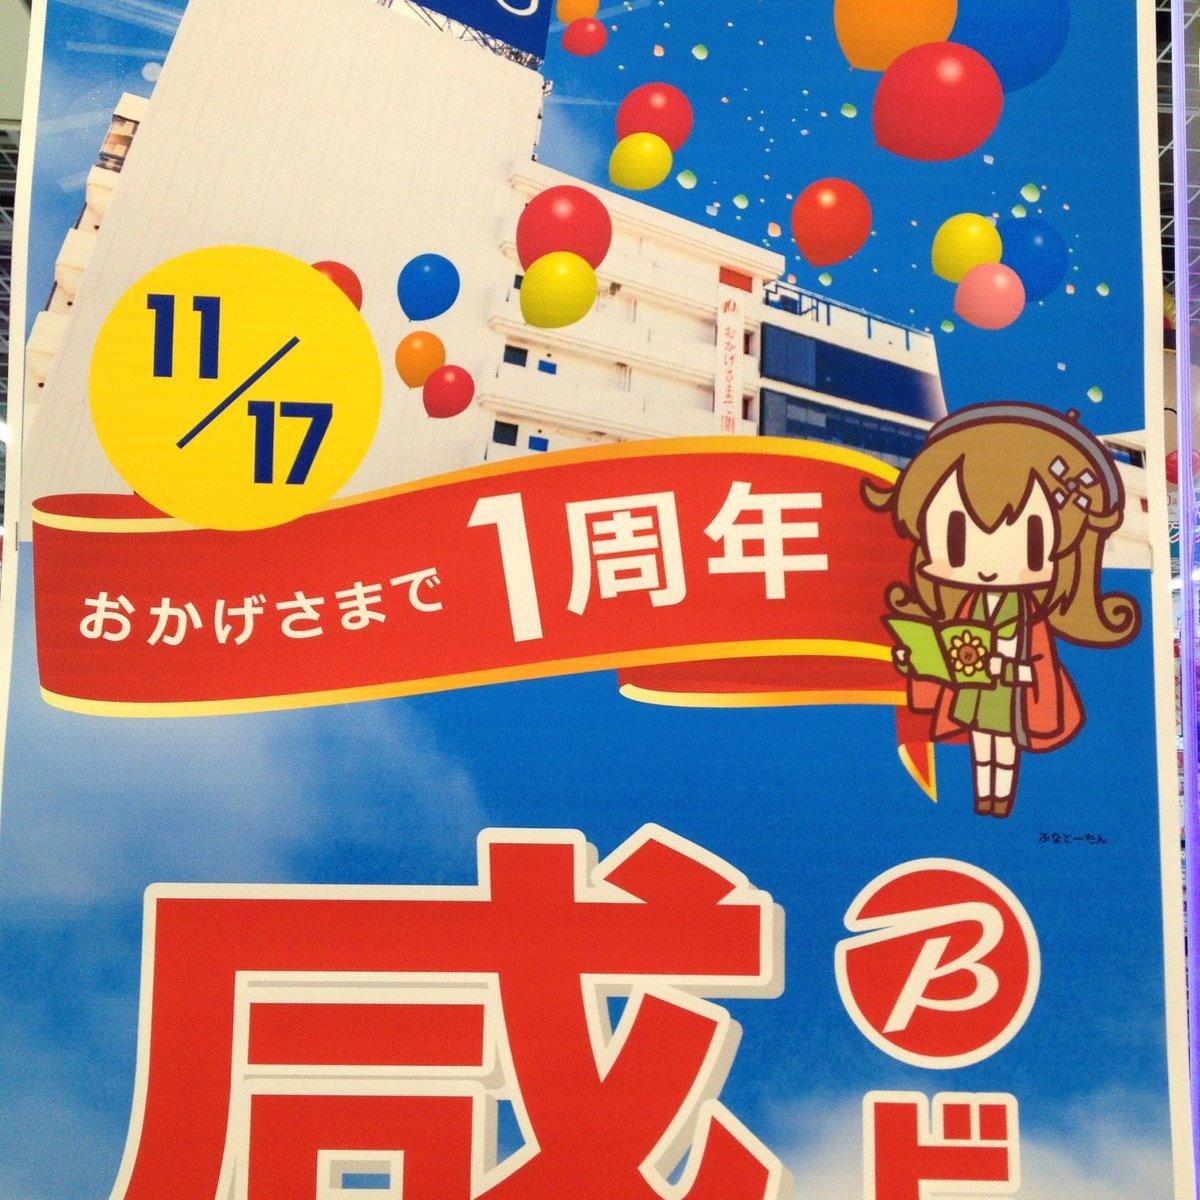 ビックカメラ 船橋東武店 ふなとーたん(おかげさまで1周年)